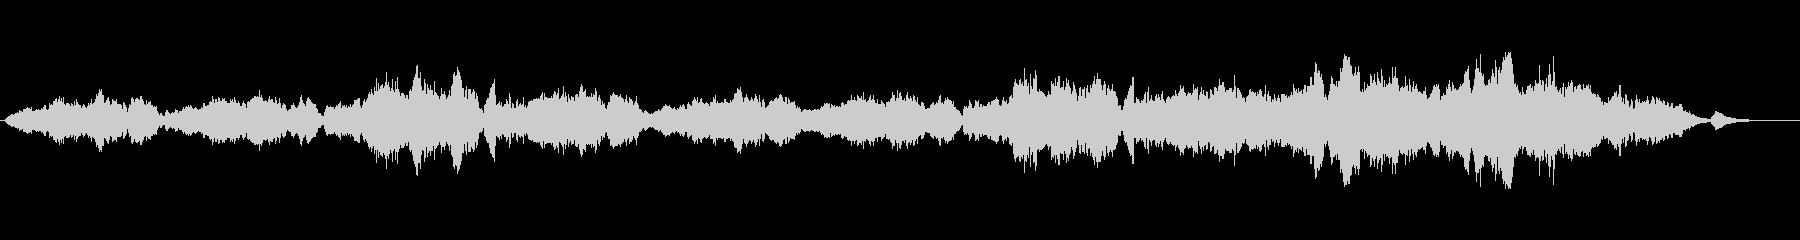 ゆったりとした癒し系オーケストラ楽曲の未再生の波形